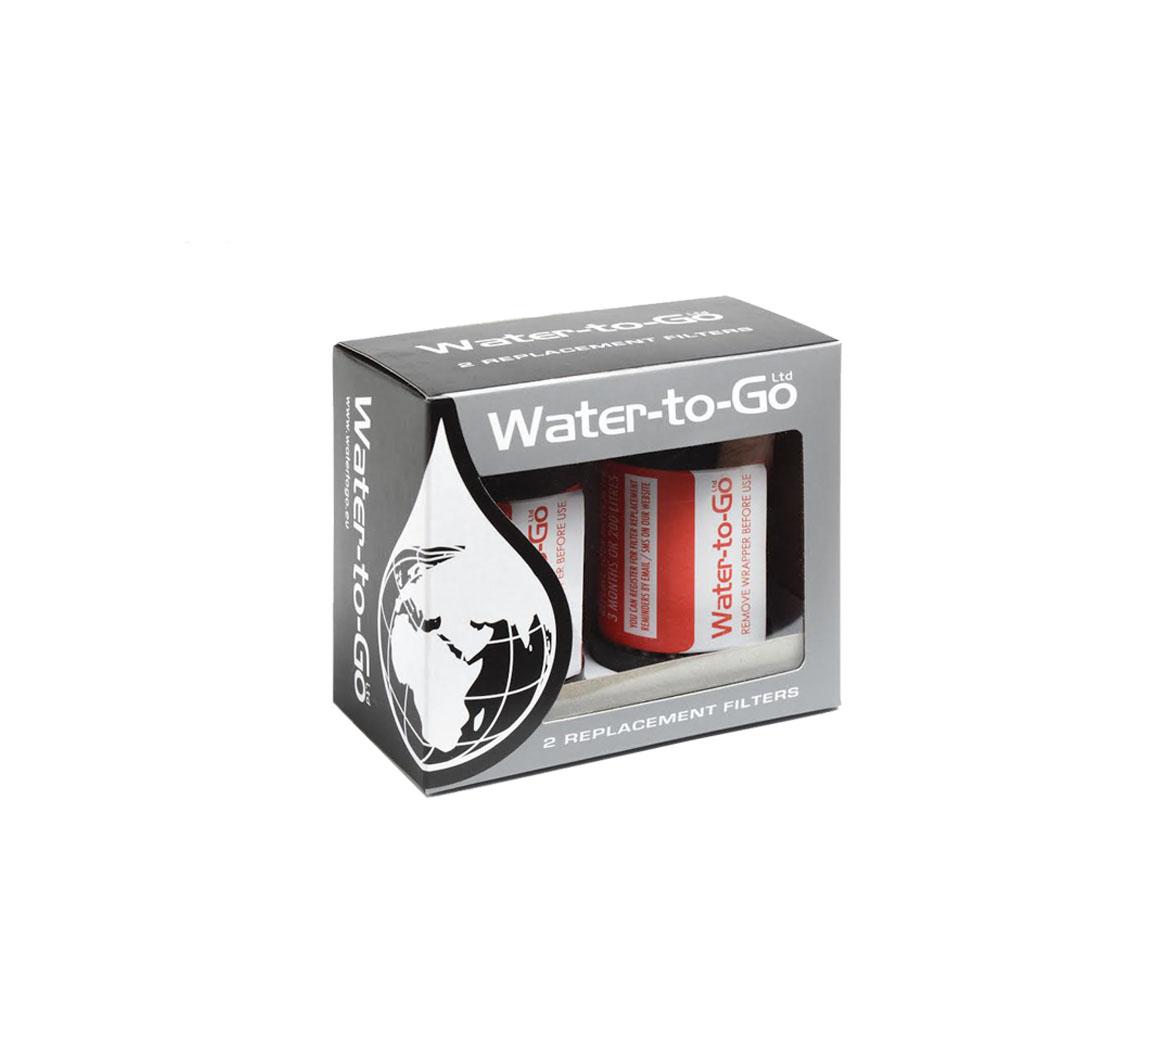 Filtres de remplacement filtres pour gourdes water to go Filtres de remplacement